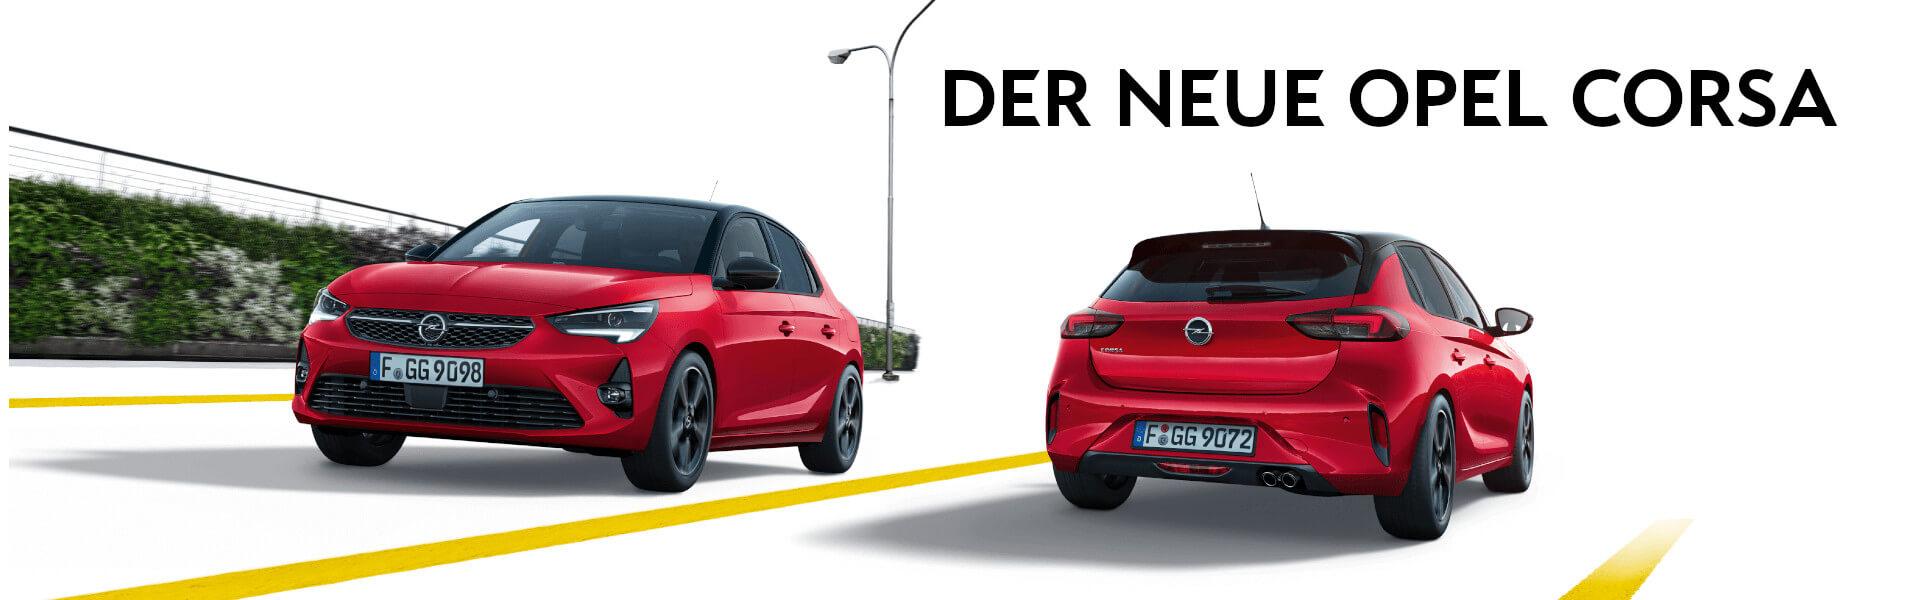 Opel Corsa in rot auf weißem Hintergrund